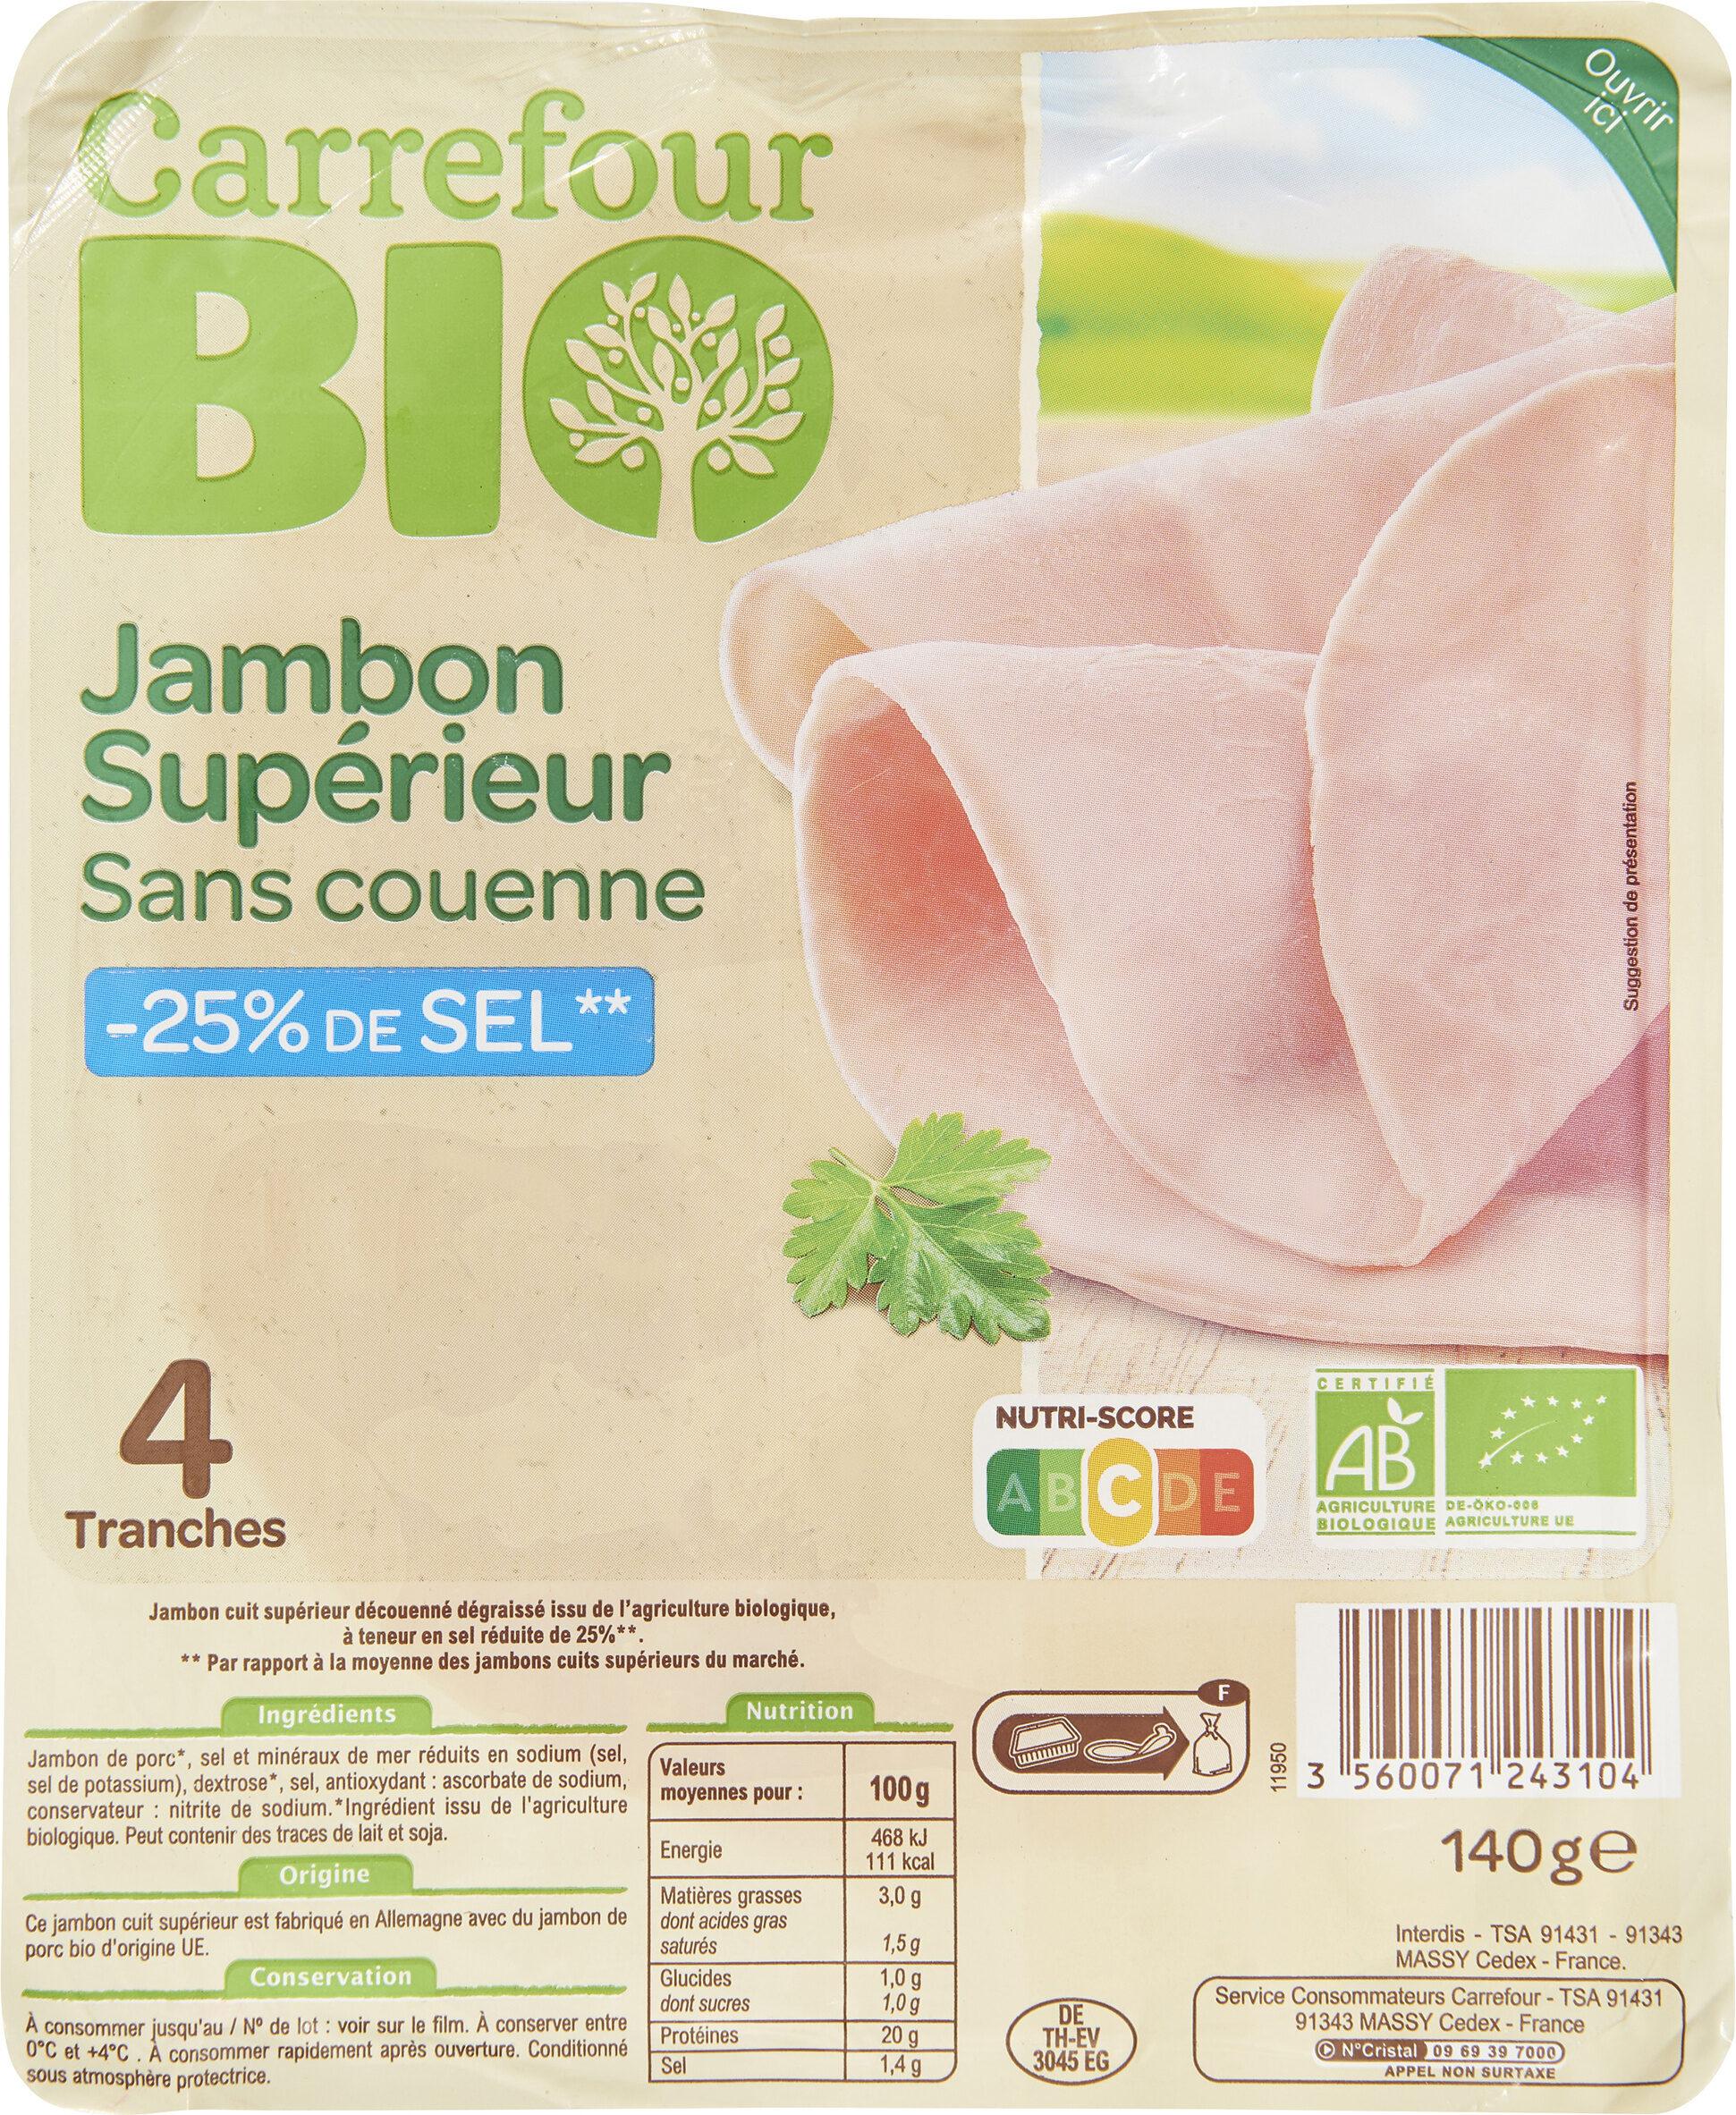 Jambon supérieur sans couenne -25% de sel - Product - fr